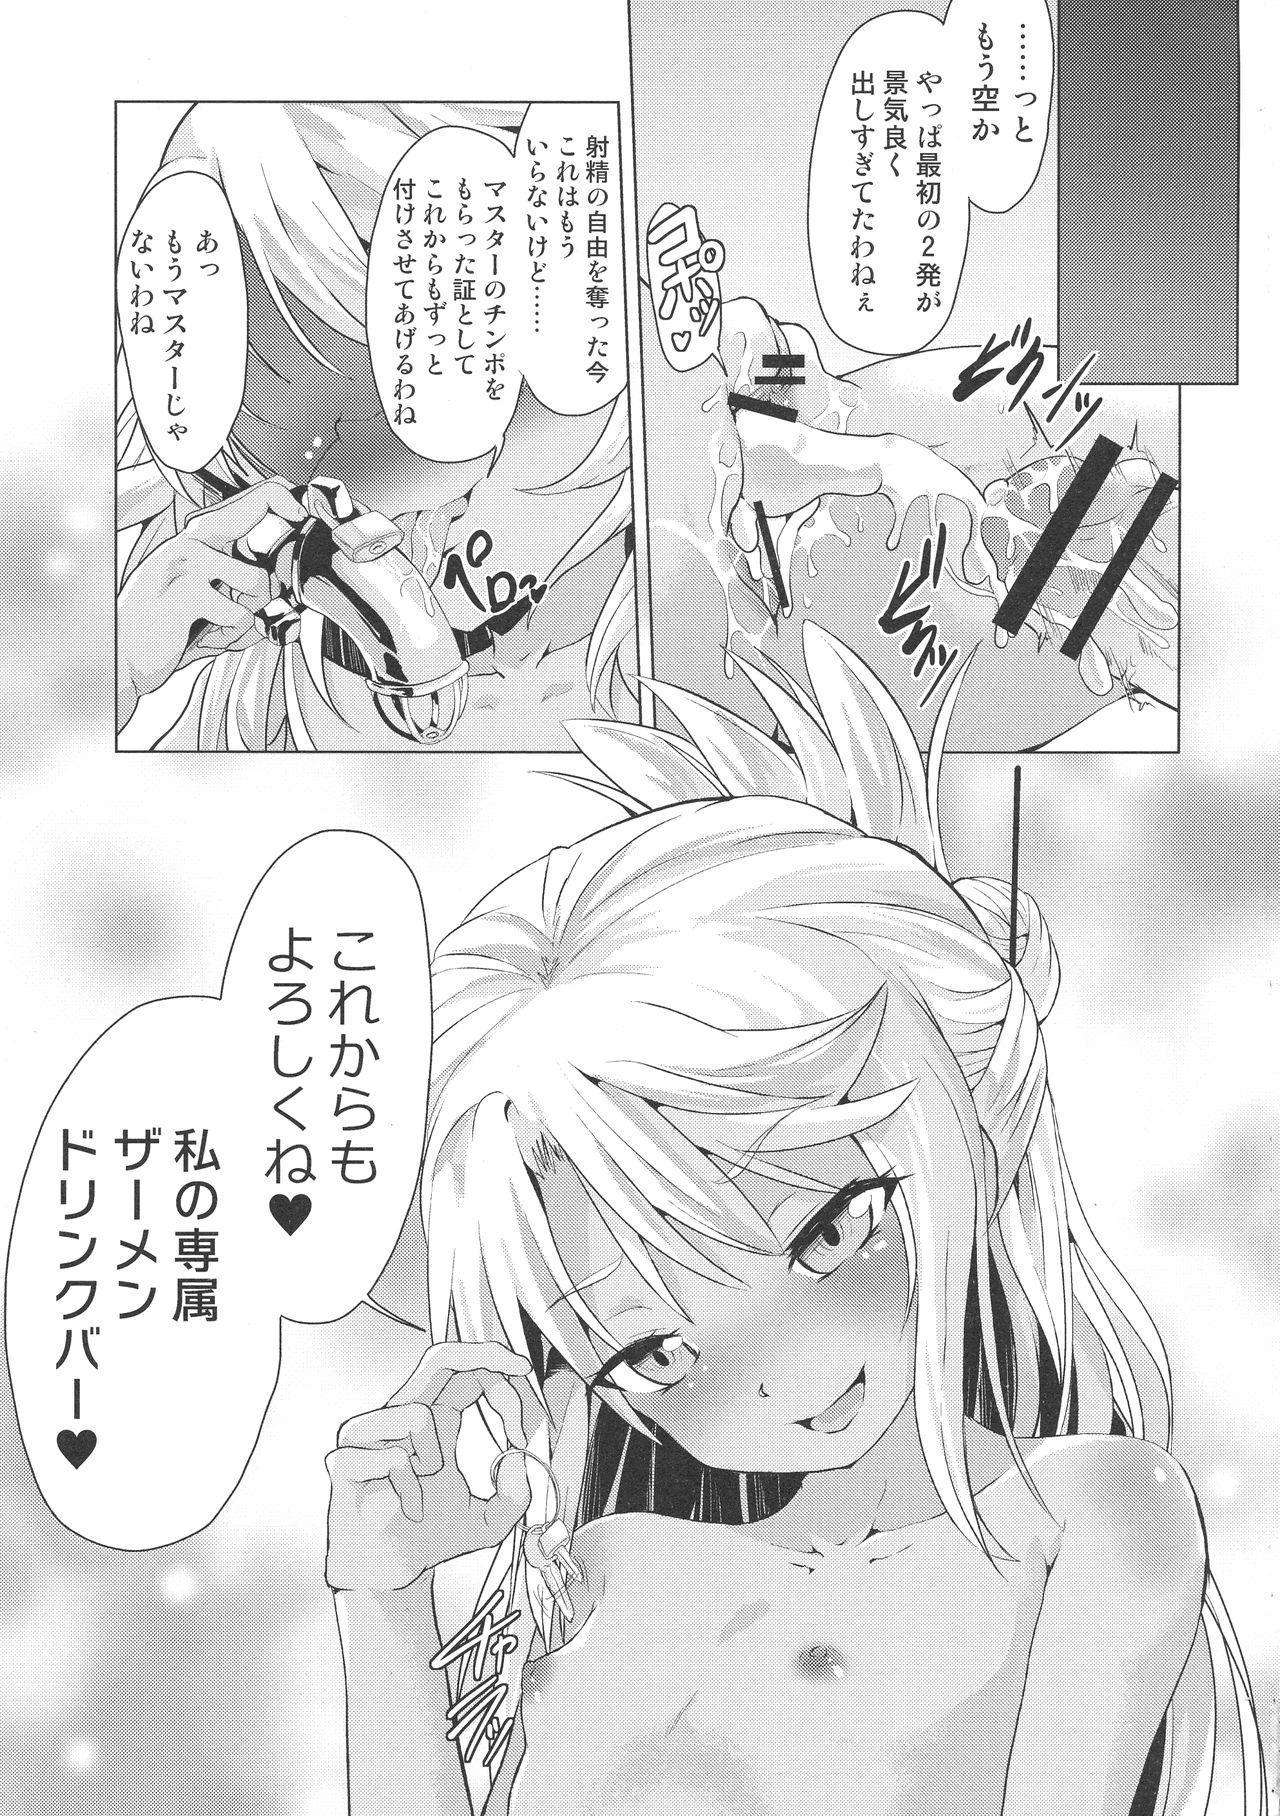 Kuro no Shasei Kanri 24